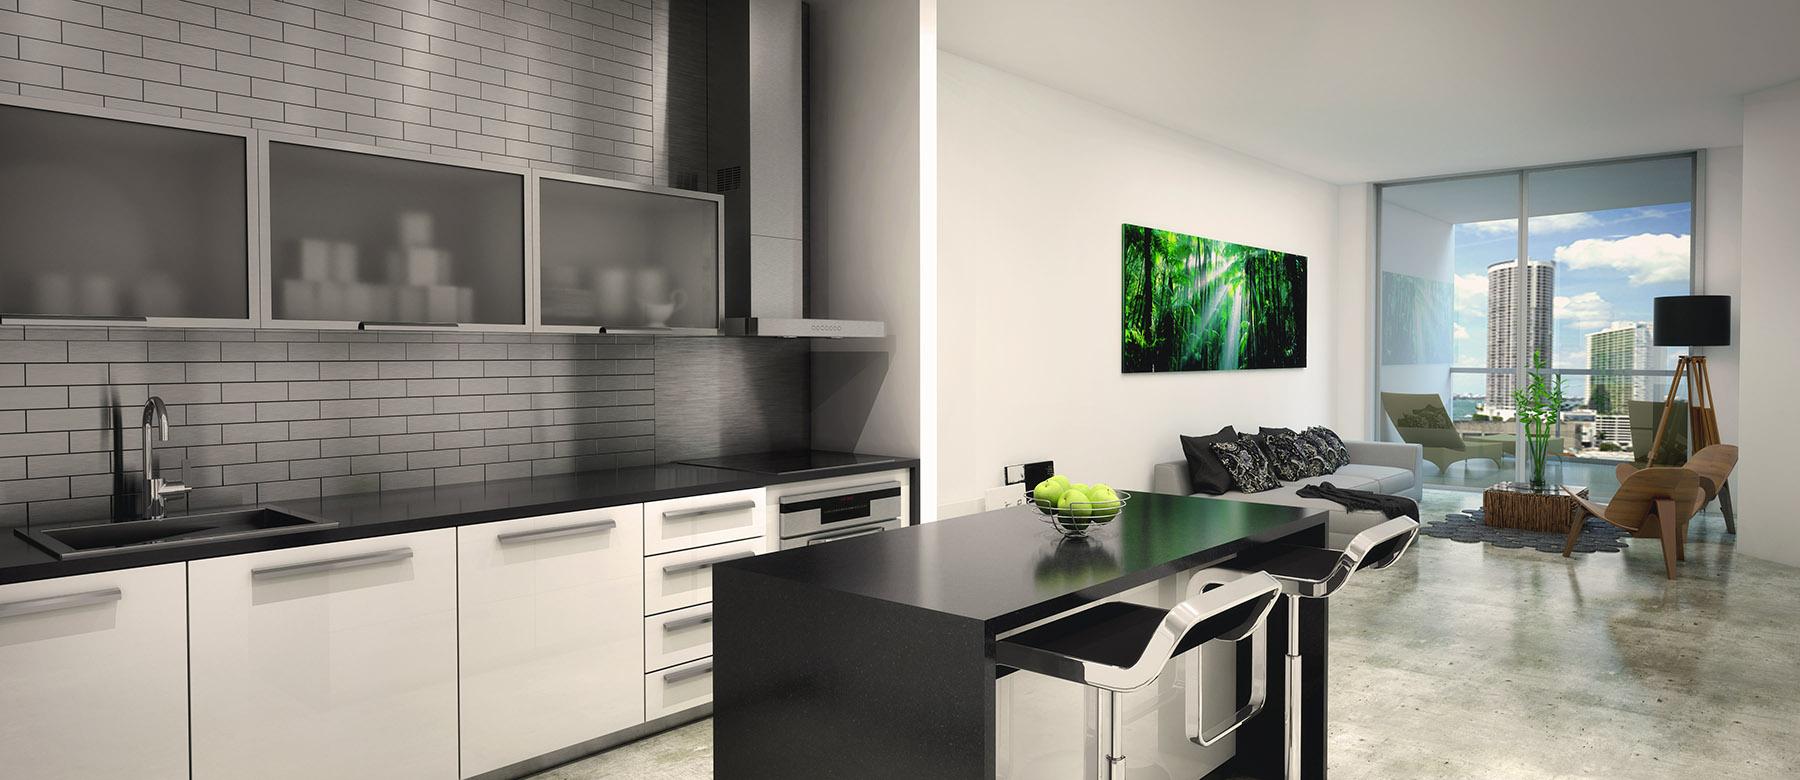 canvas-kitchen